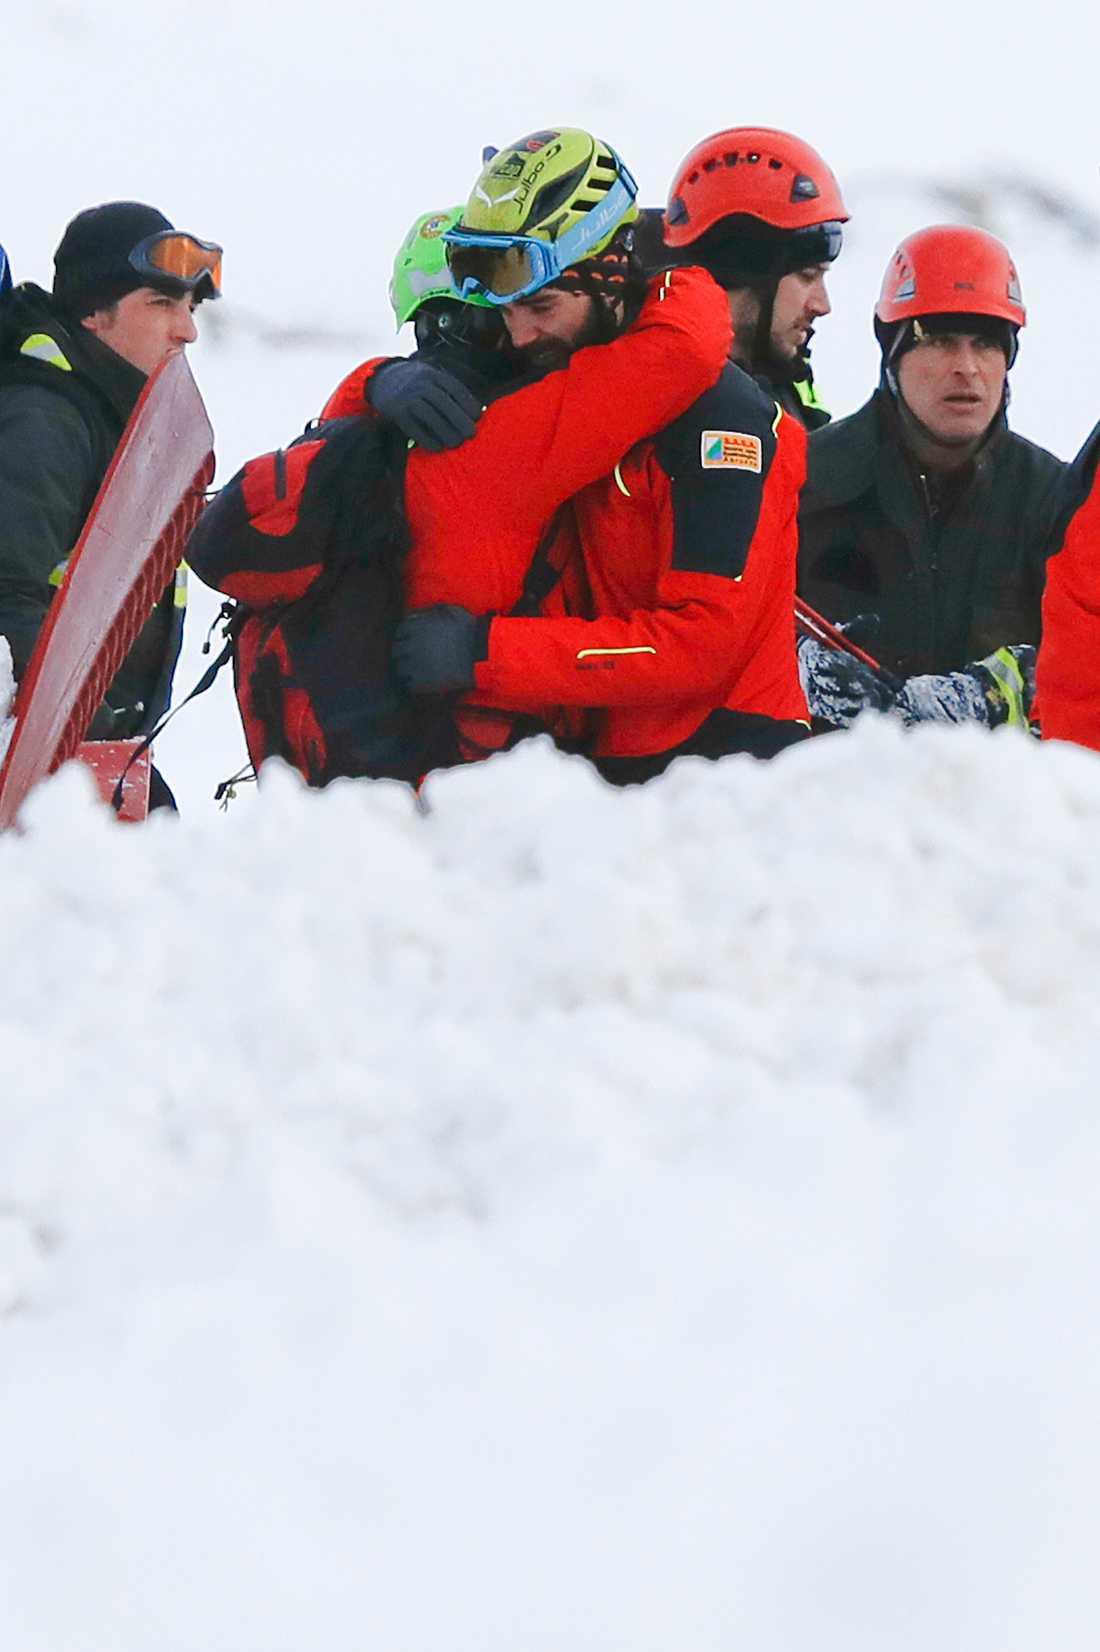 Räddningspersonla atröstar varandra vid nedslagsplatsen.